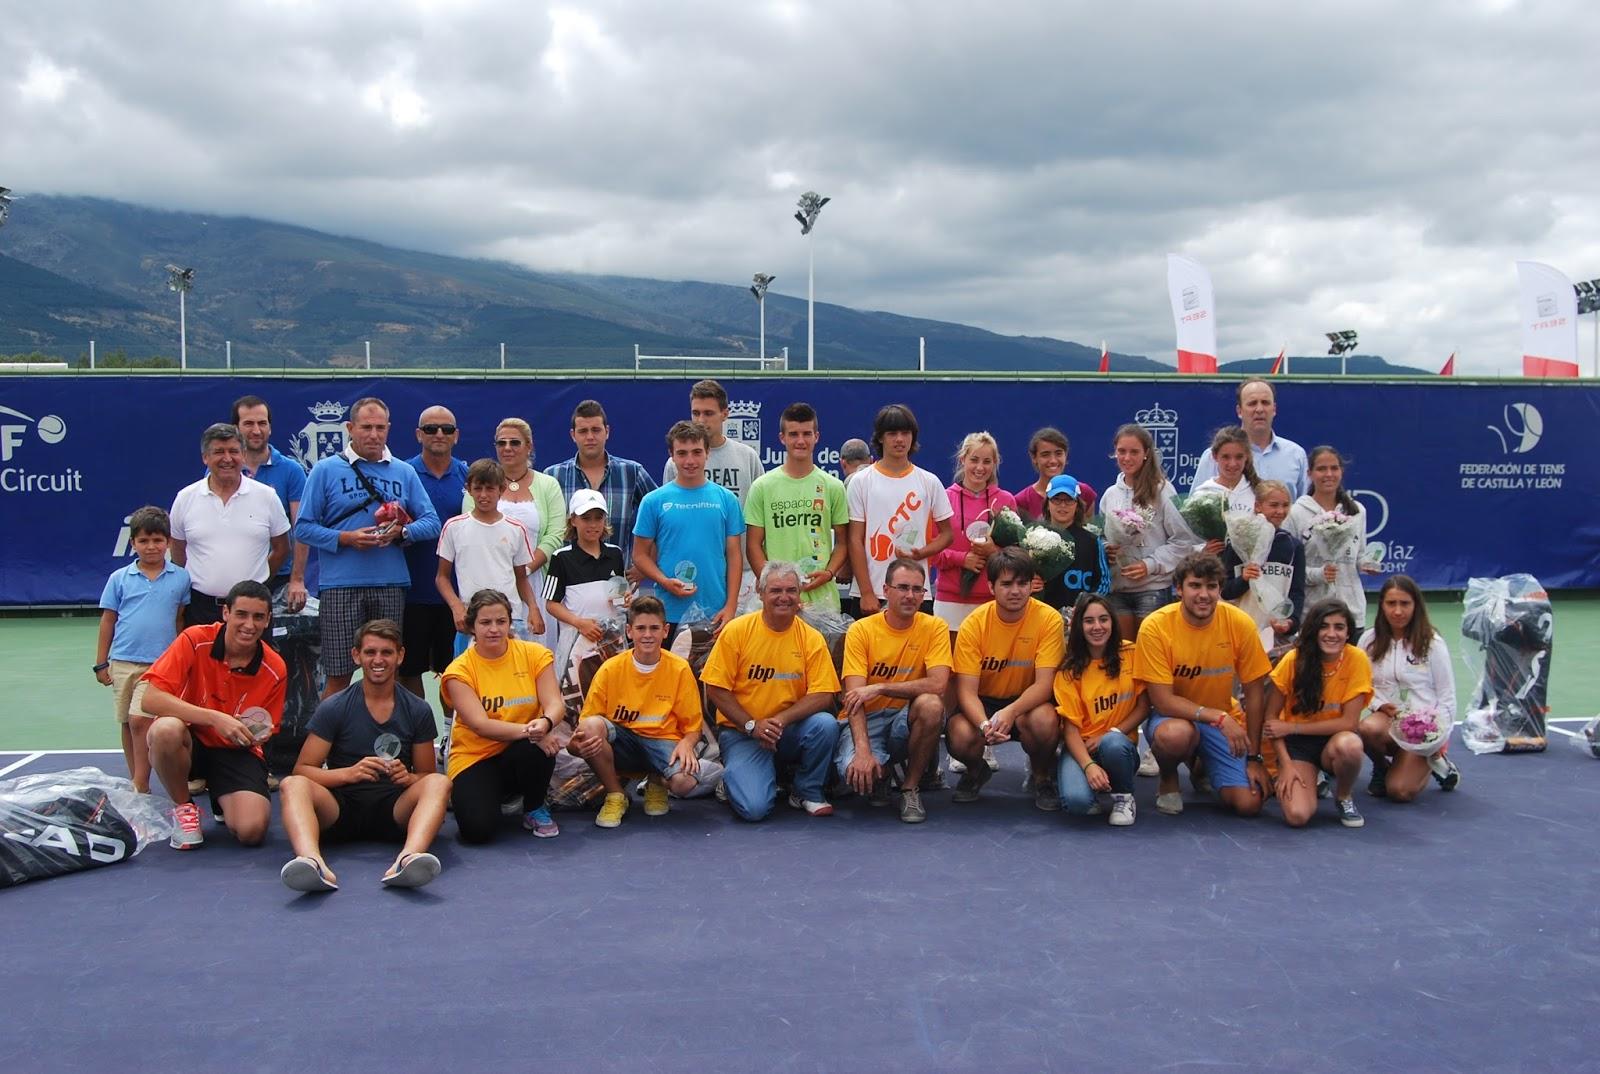 plantel final de ganadores del open de tenisciudad de Béjar